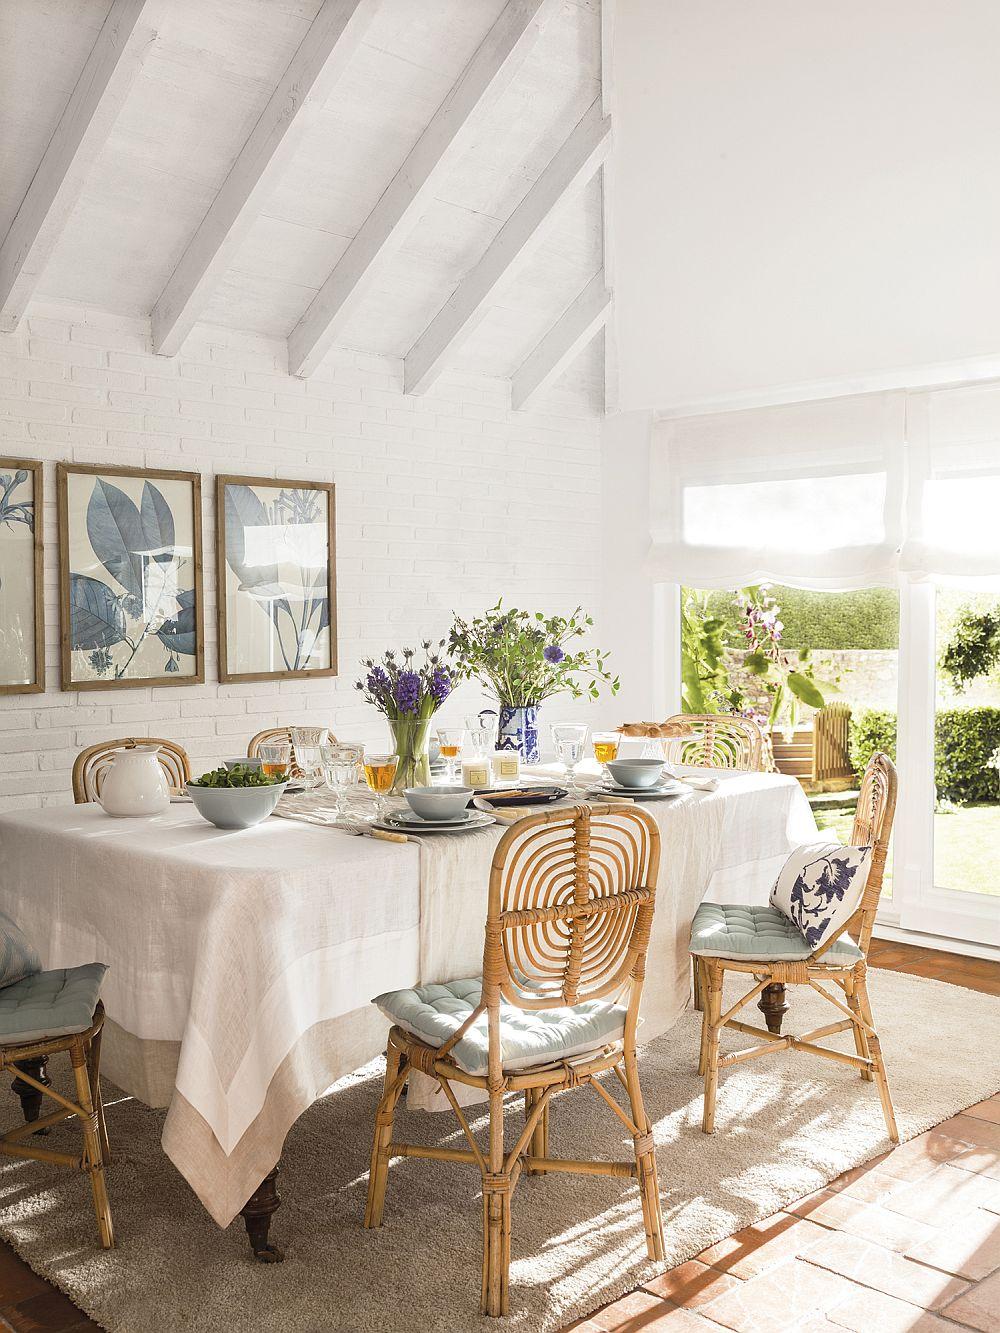 Pentru a obține o atmosferă plăcută contează mult tipul și modul de folosire al decorațiunilor. Aspectul unei mese vechi poate fi îmbunătățit prin folosire unor fețe de masă suficient de lungi și asortate pentru a completa decorul. Apoi, pe perete câteva tablouri pot adăuga exact doza de culoare necesară, iar scaunele cu spătare mai grafice, deci nu pline, lasă lumina naturală să circule, deci nu sunt simțite ca fiind masive și că încarcă spațiul.